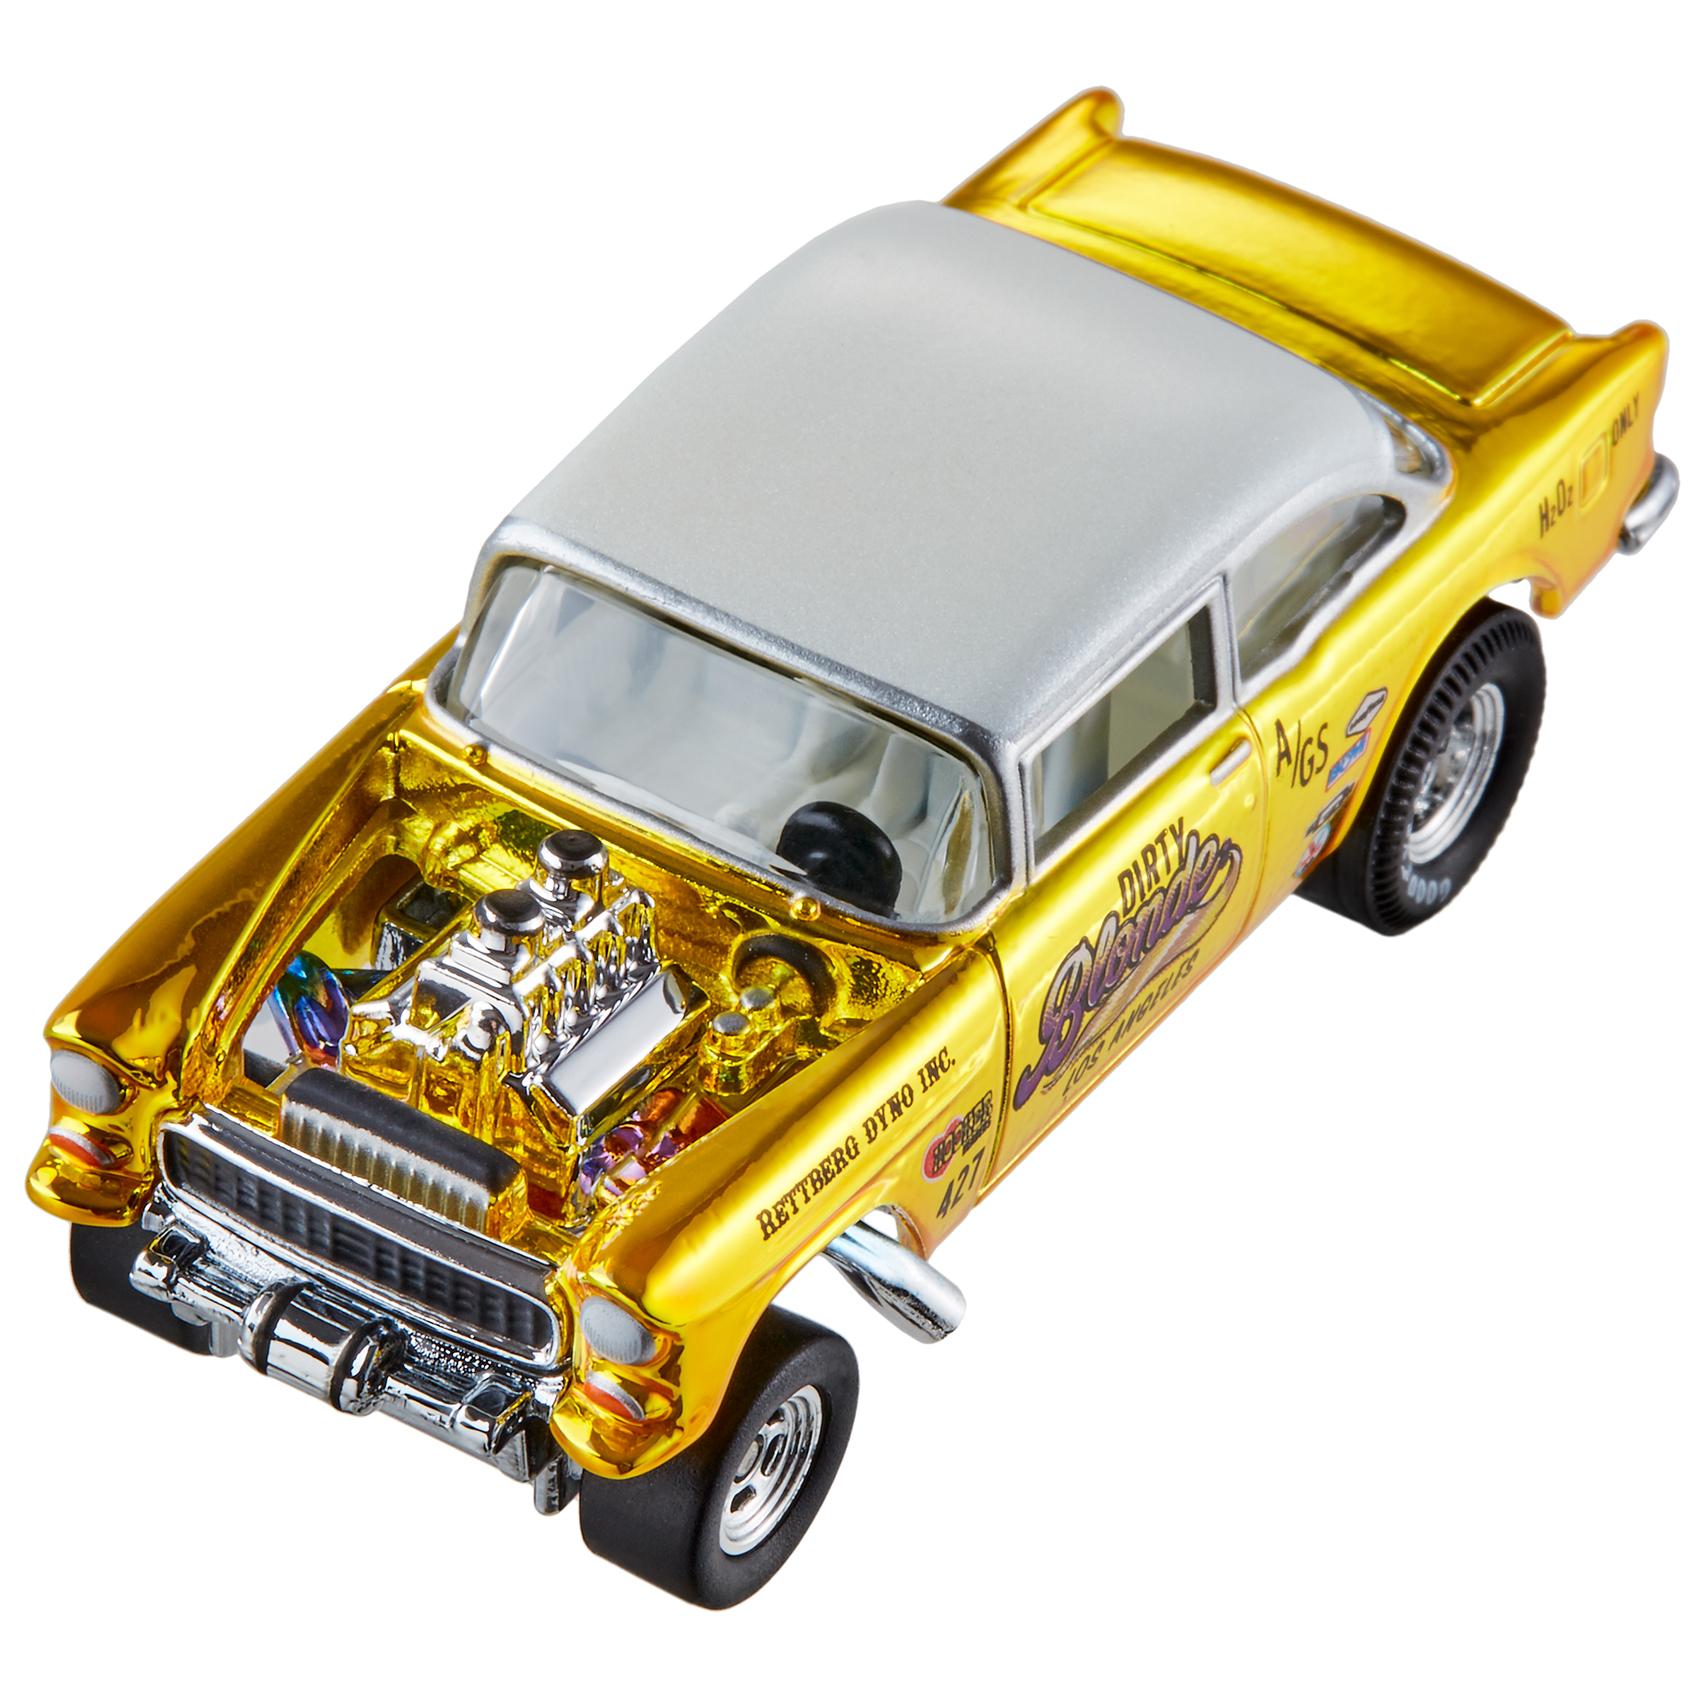 Hot Wheels cars gasser